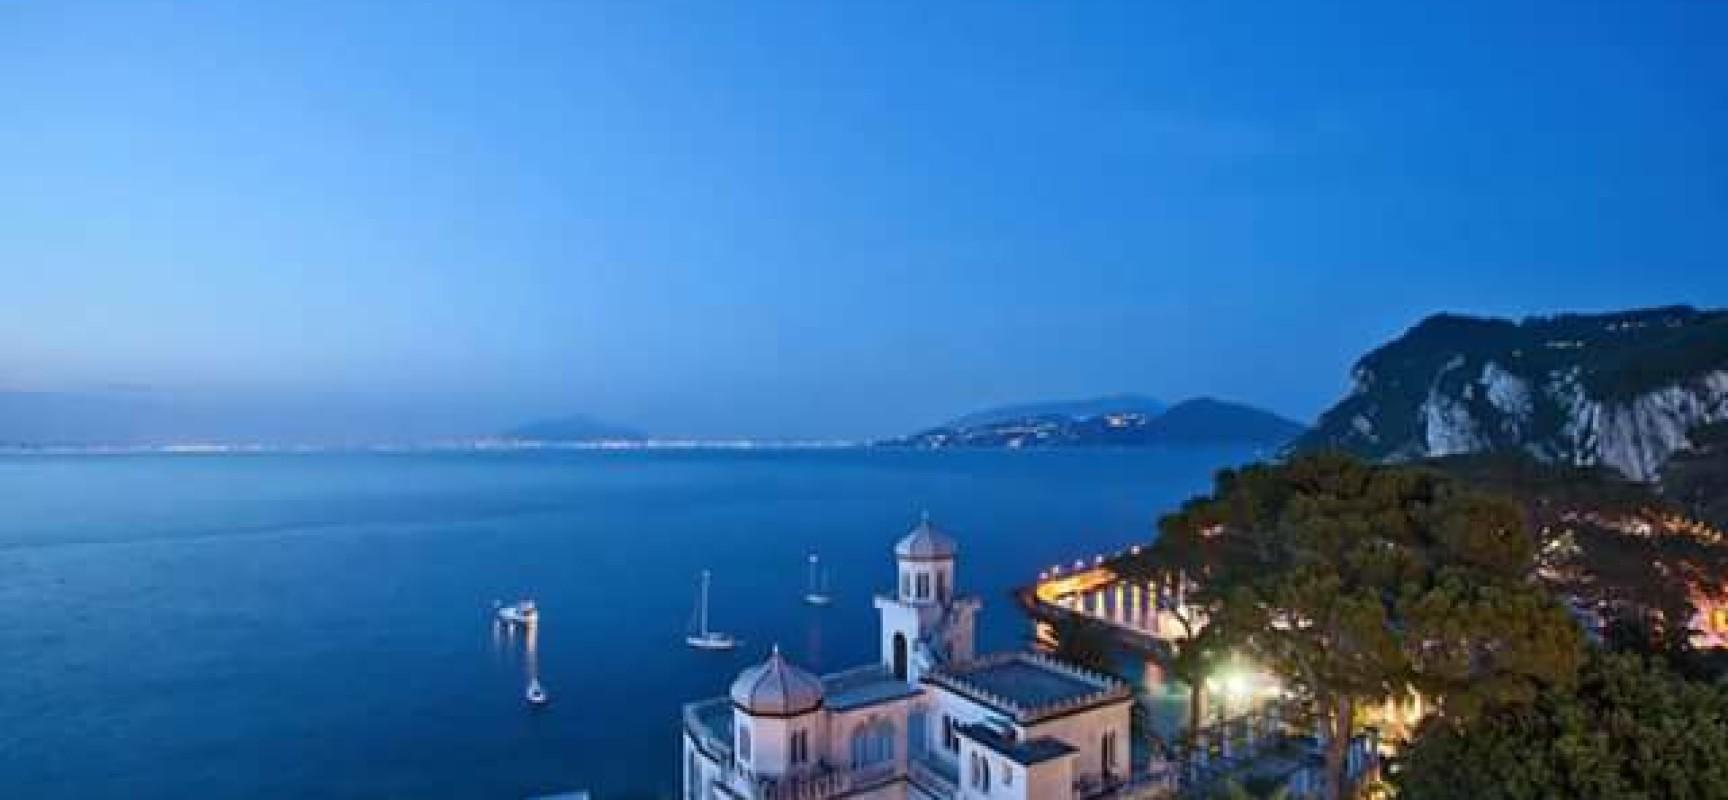 Villa Lysis a Capri, Il delta delle sensazioni